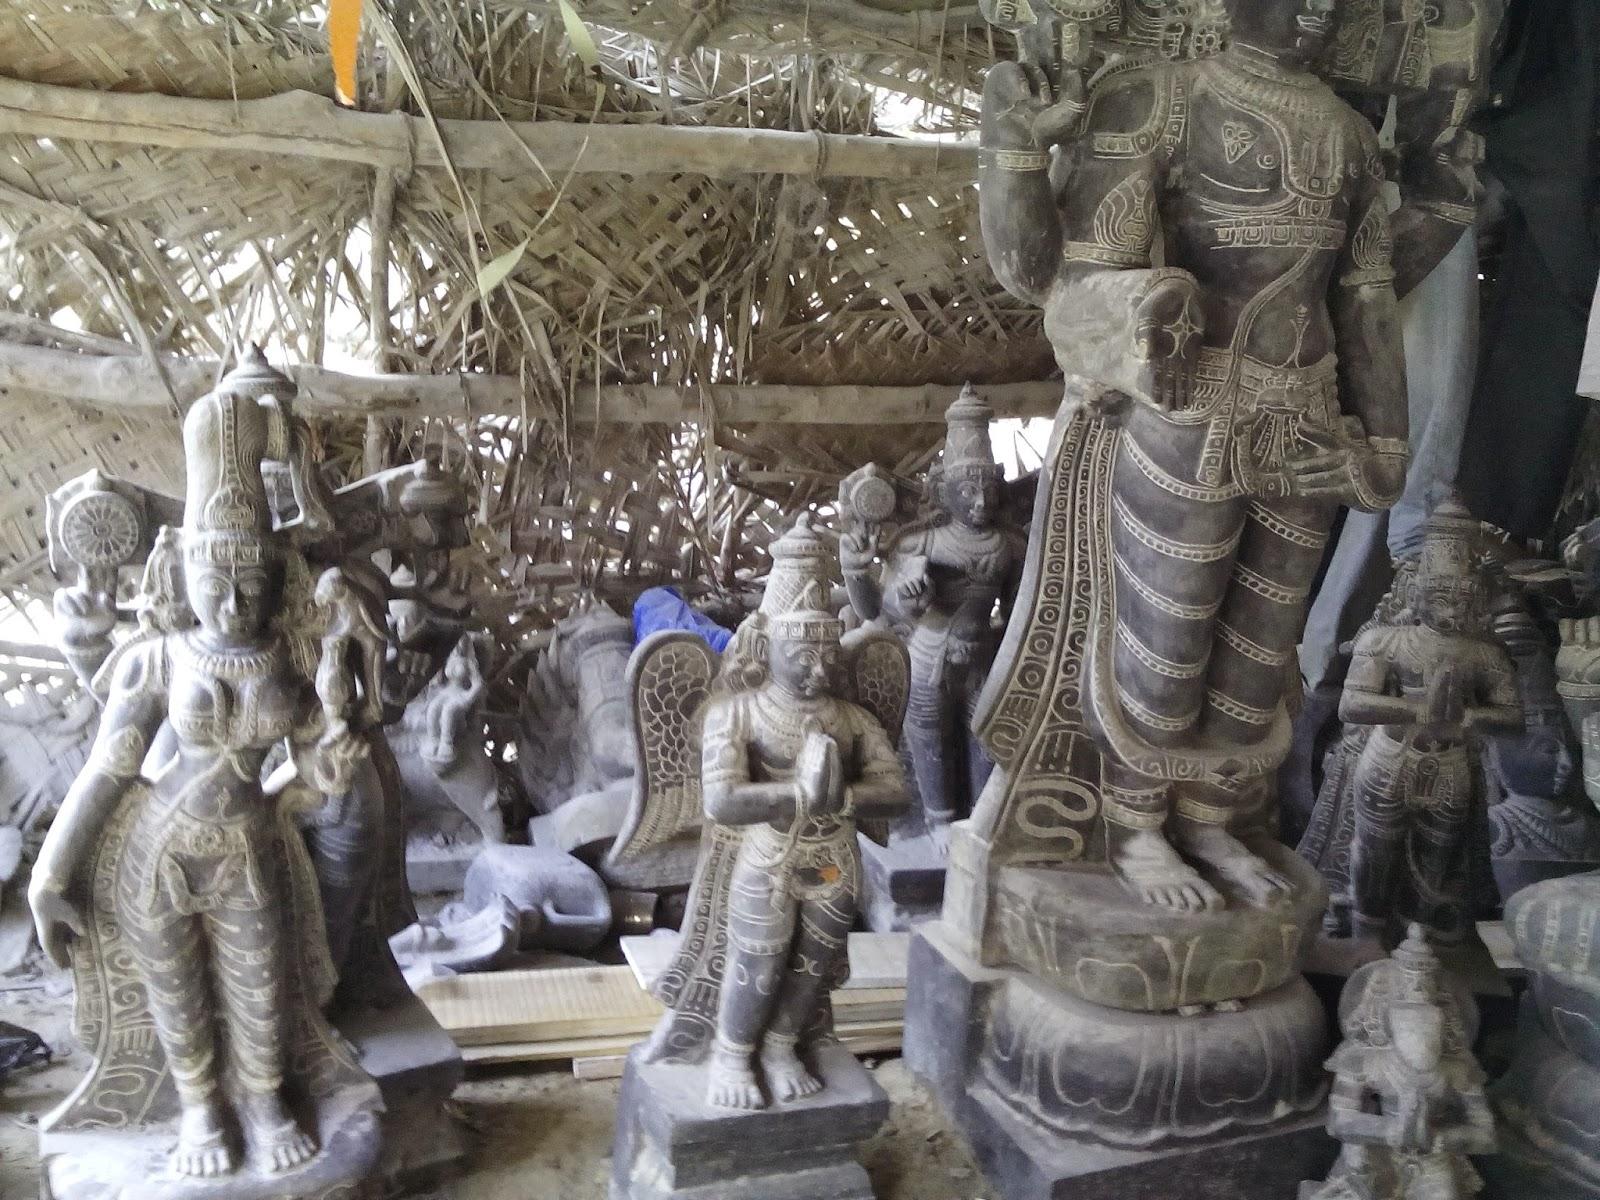 Shilpis in Tirupati m.venkatesh